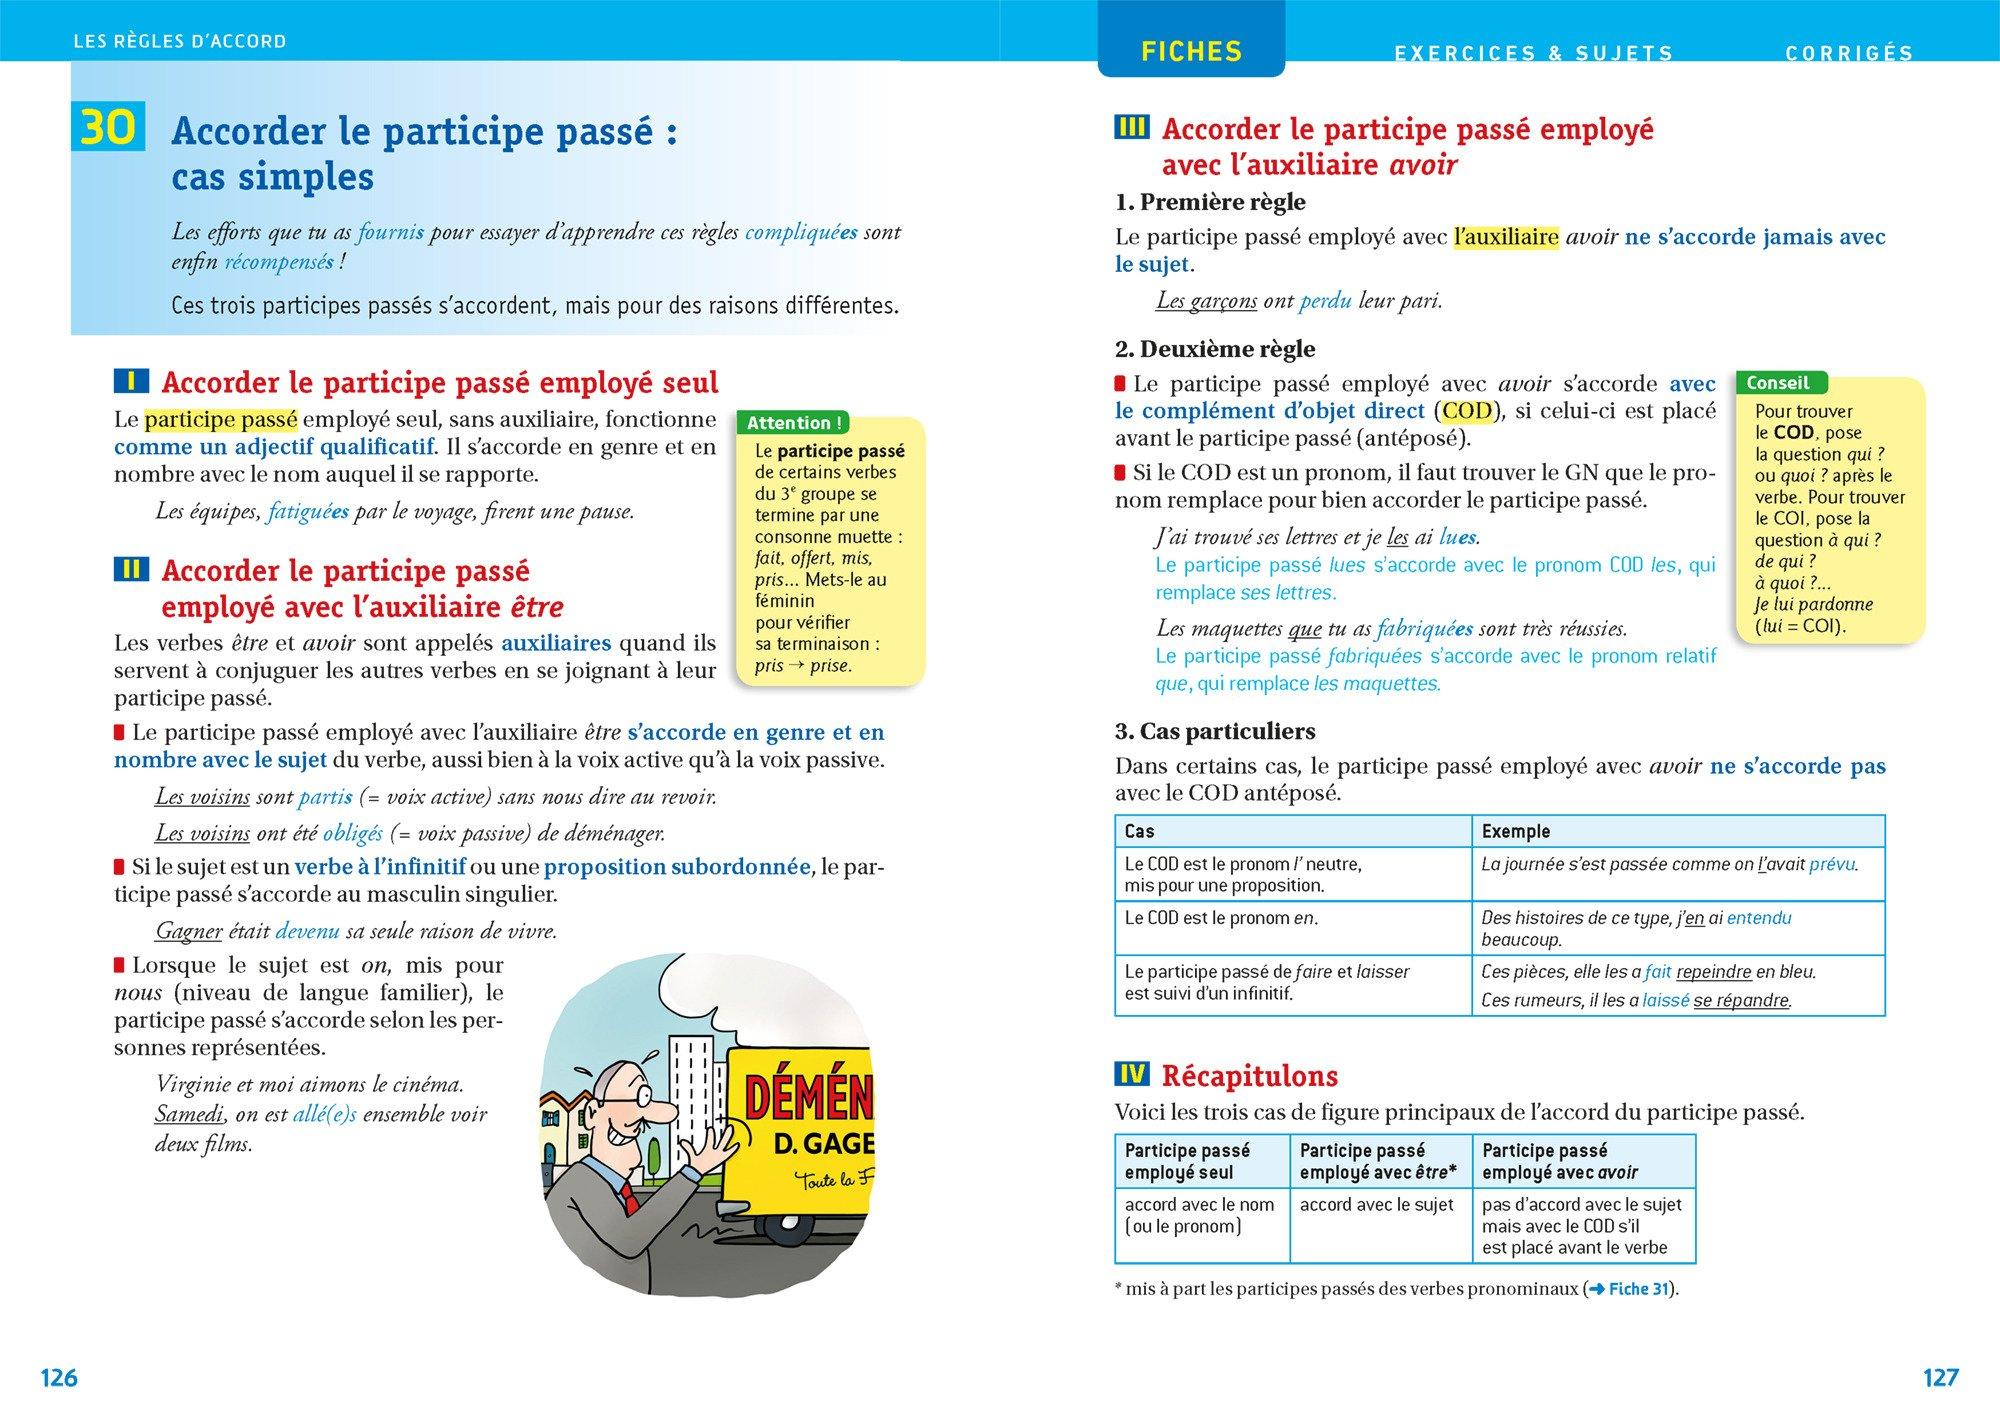 Français 3e - Prépabrevet Cours & entraînement: cours, méthodes et exercices progressifs: Amazon.es: Christine Formond, Louise Taquechel: Libros en idiomas ...